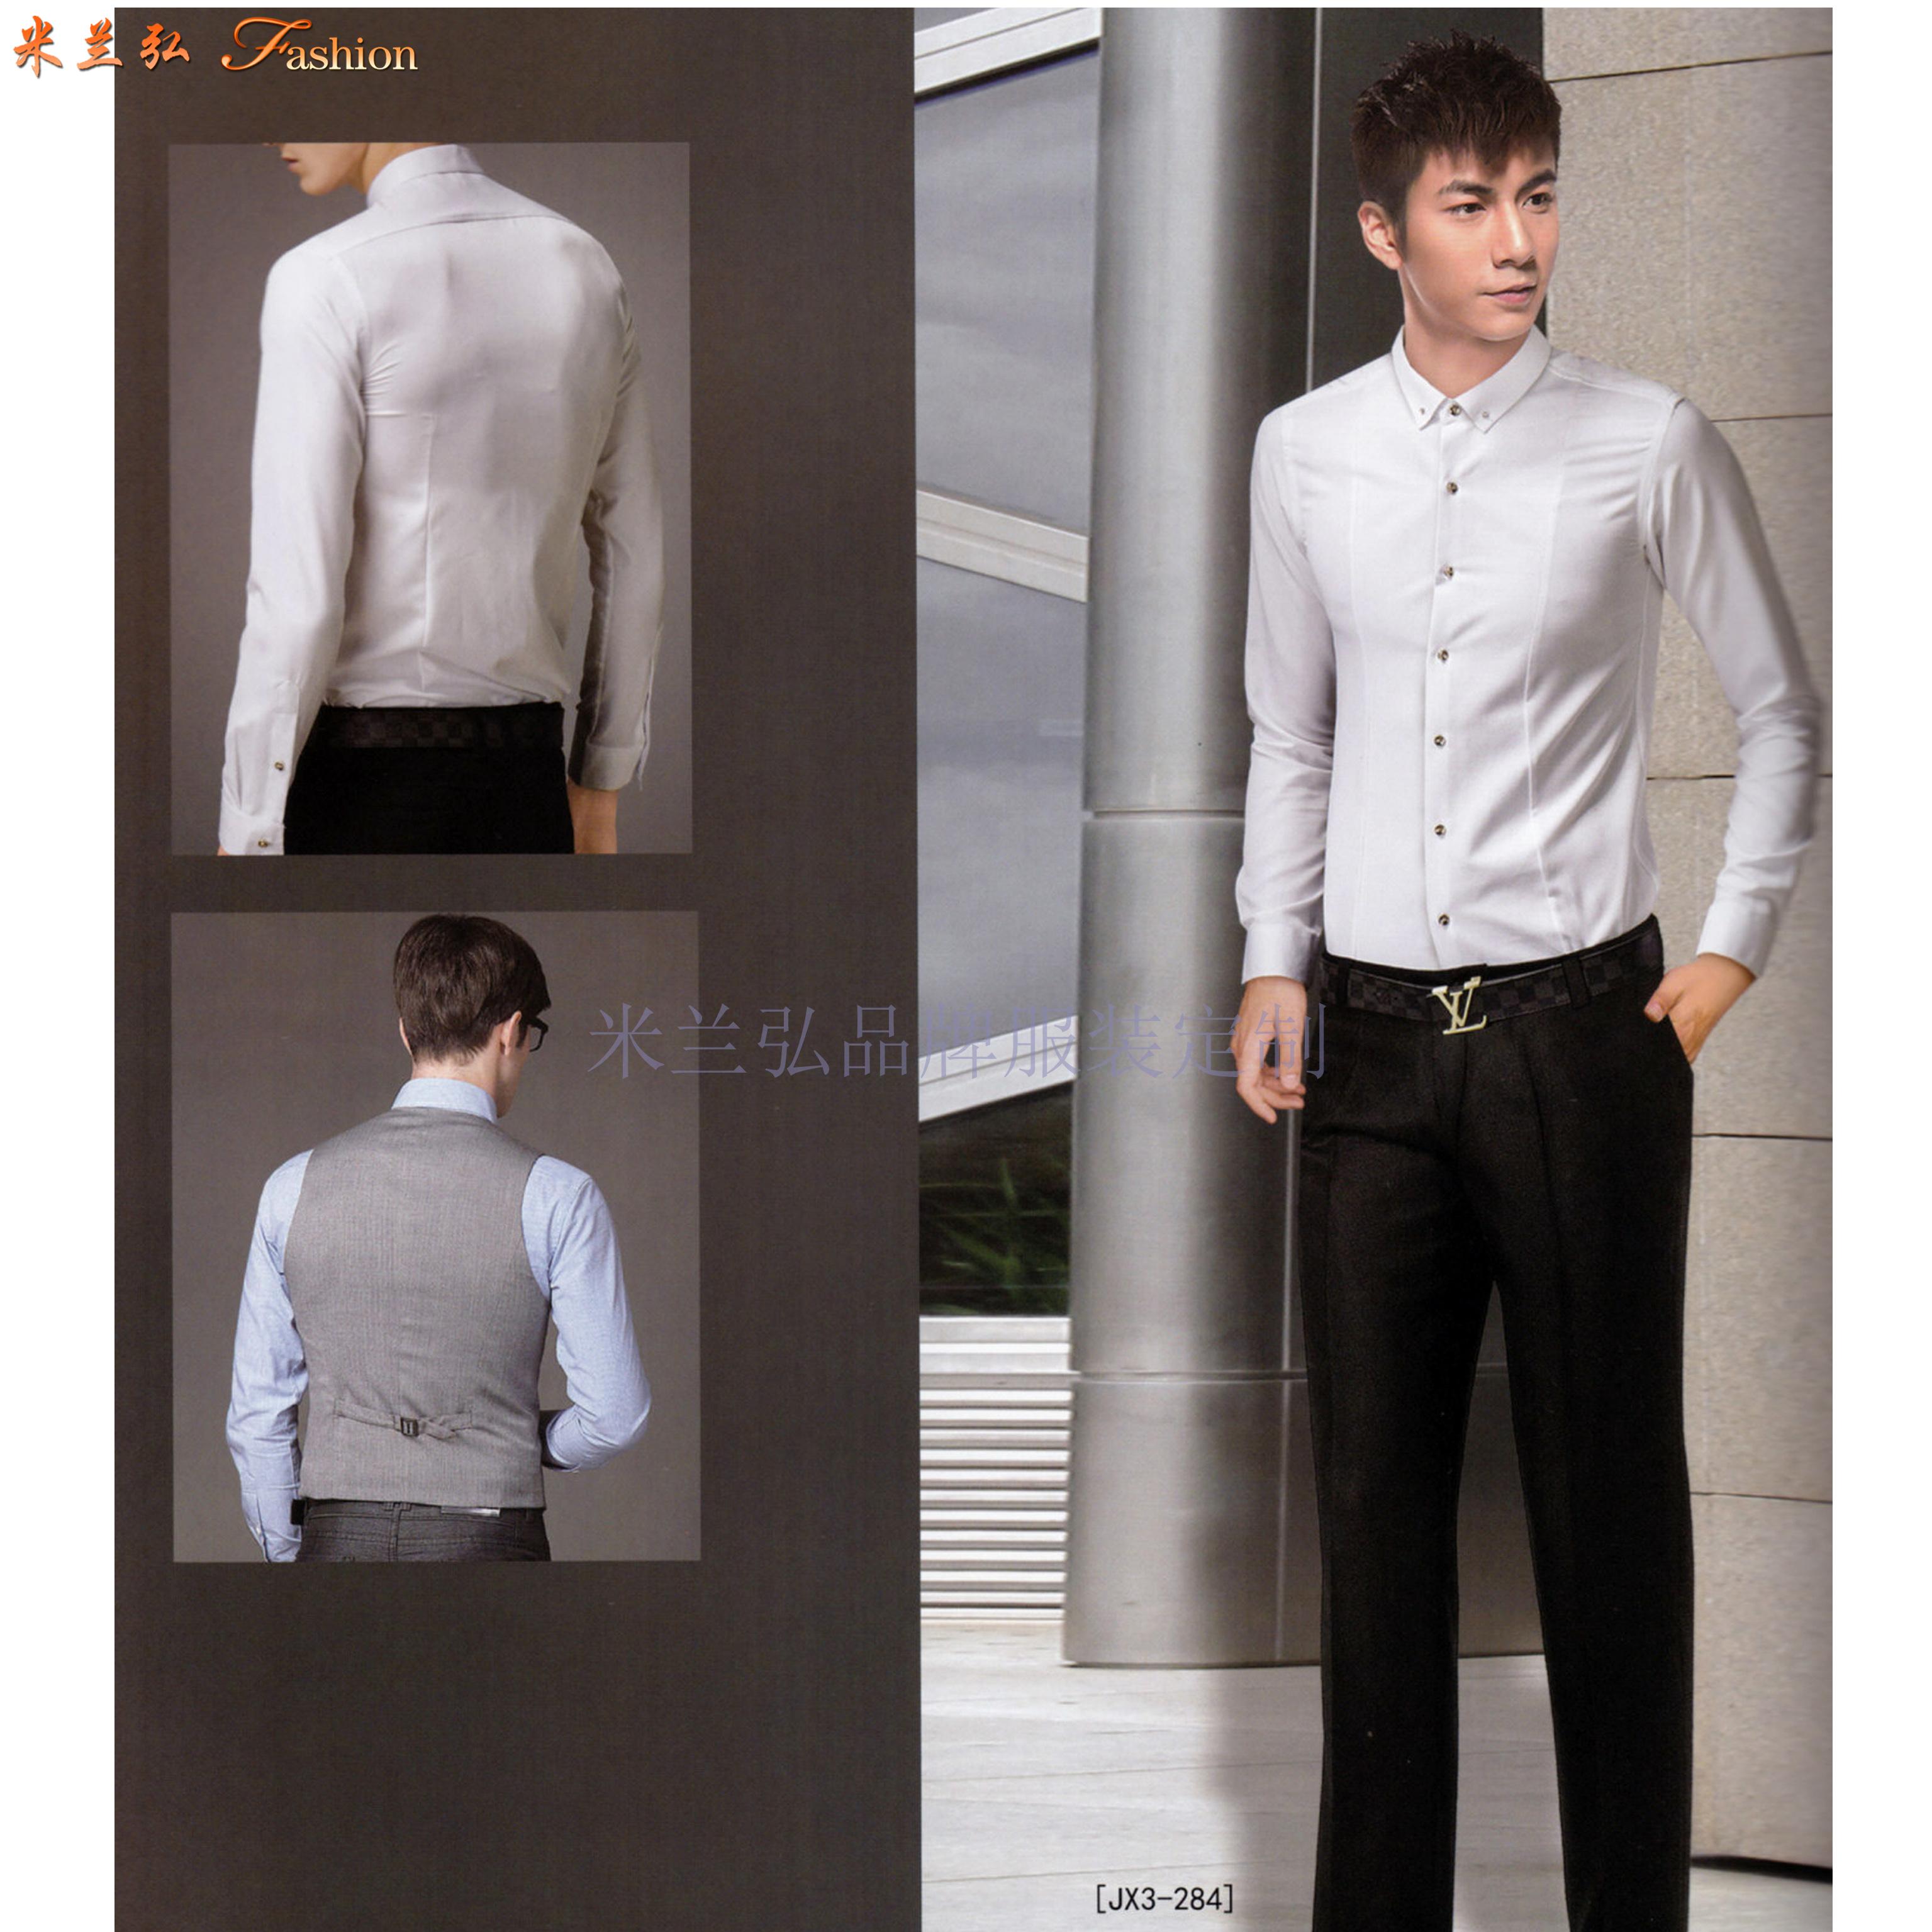 「高級襯衫定制」「私人襯衫定做」品牌襯衫訂制廠家-米蘭弘-2